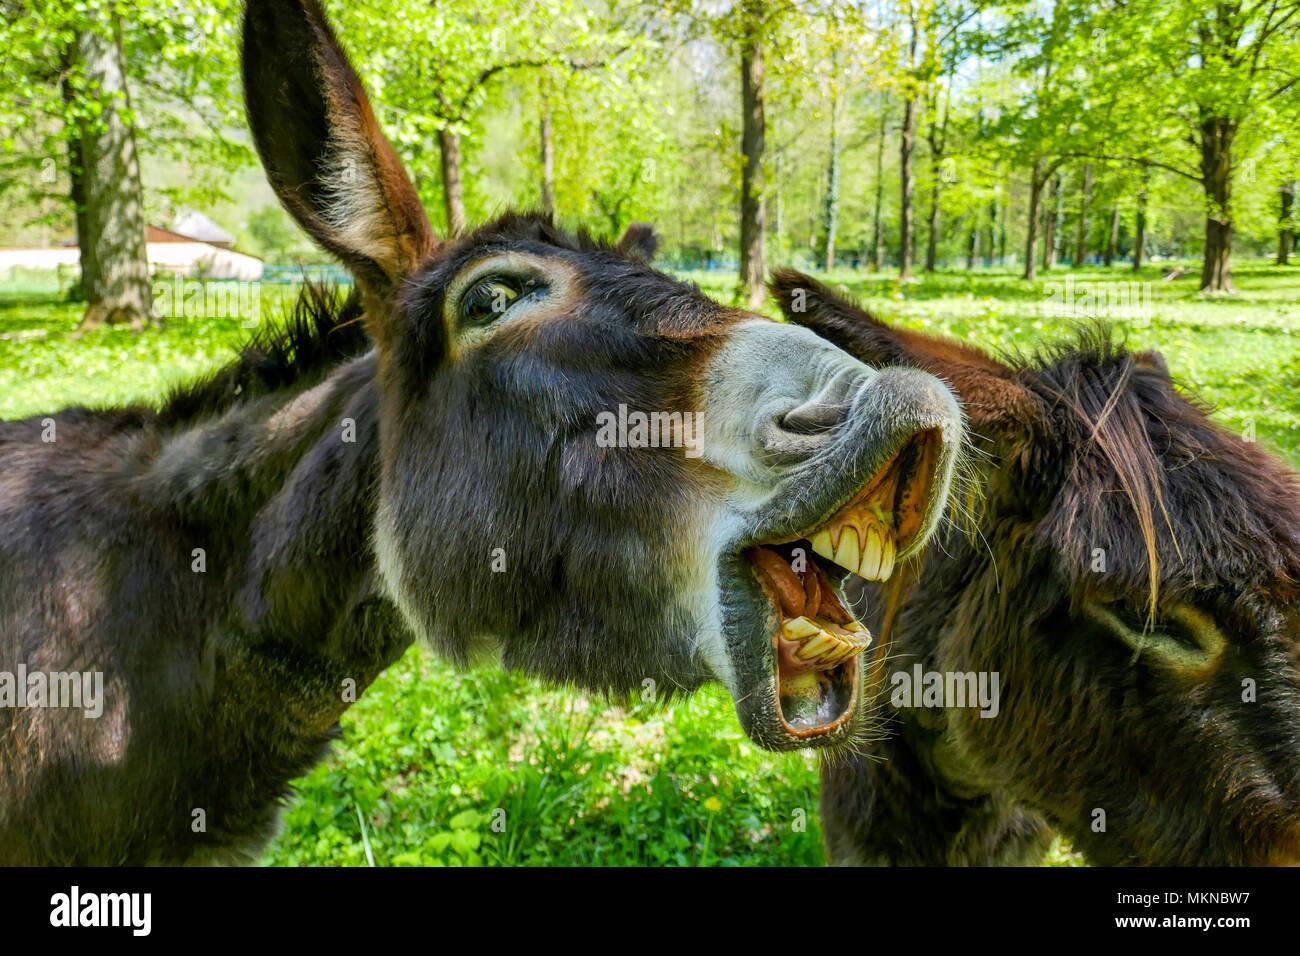 Dos de burro, Mula con dientes, asnos mirando la cámara Imagen De Stock